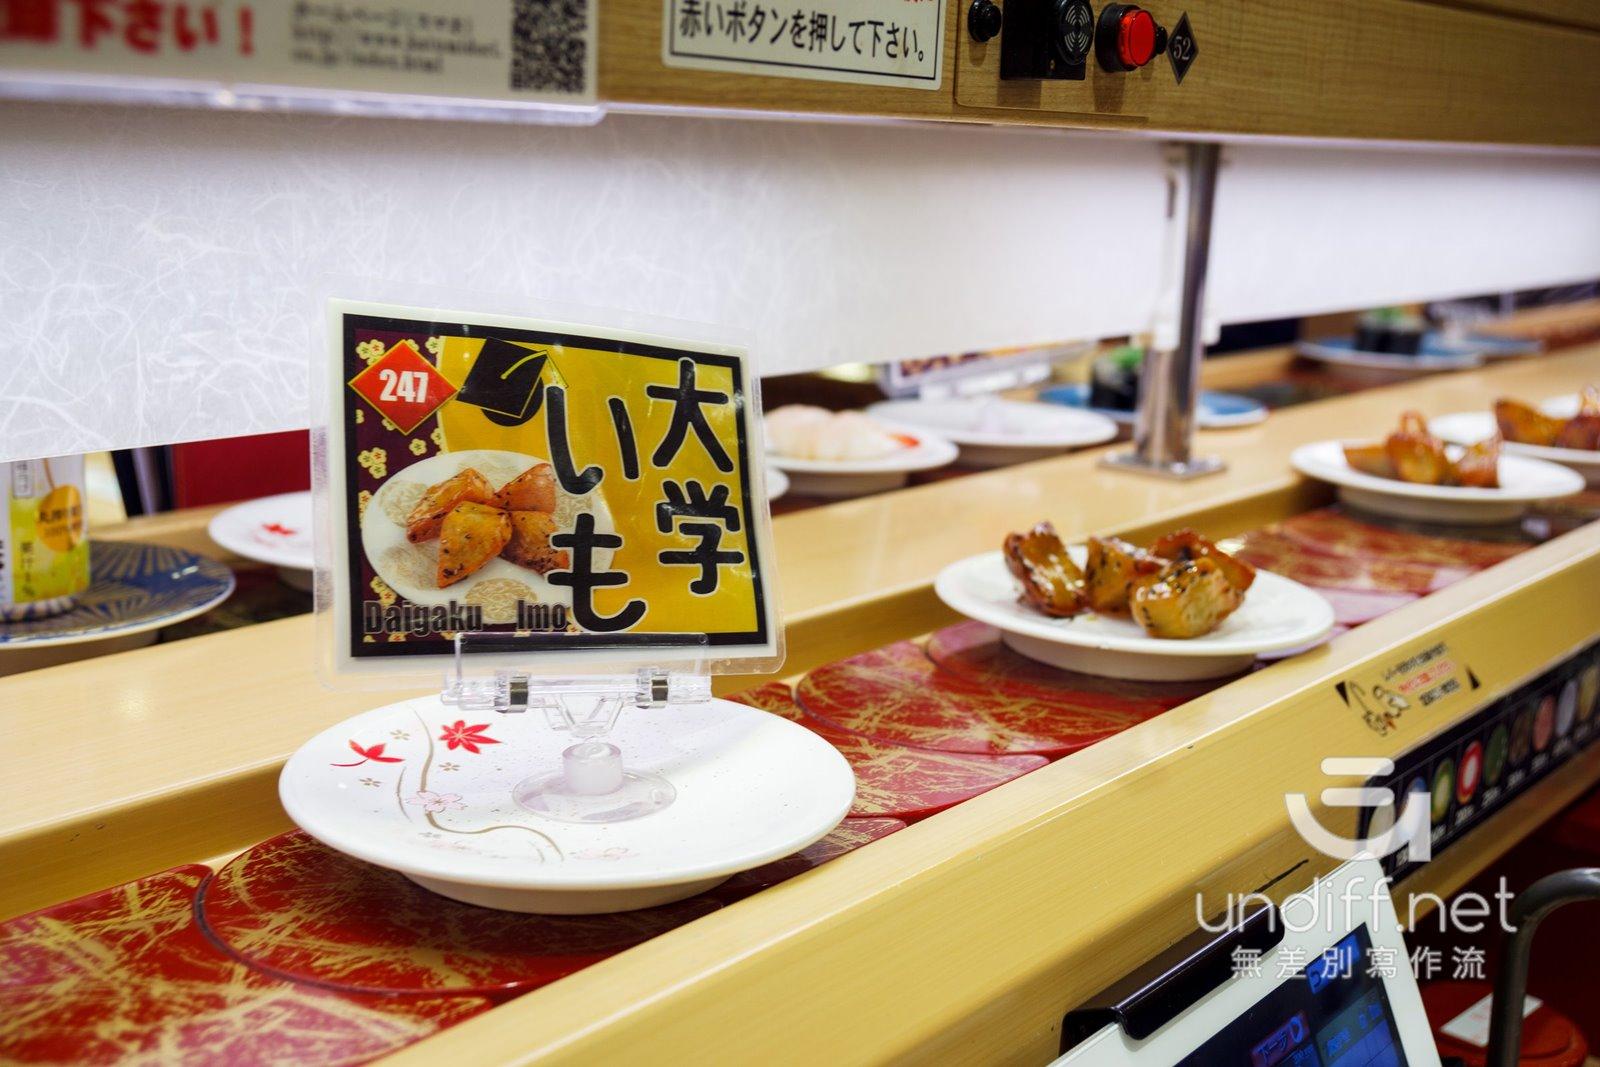 【東京美食】澀谷 回し寿司 活.美登利 西武澀谷店 》超值新鮮又美味的迴轉壽司 26